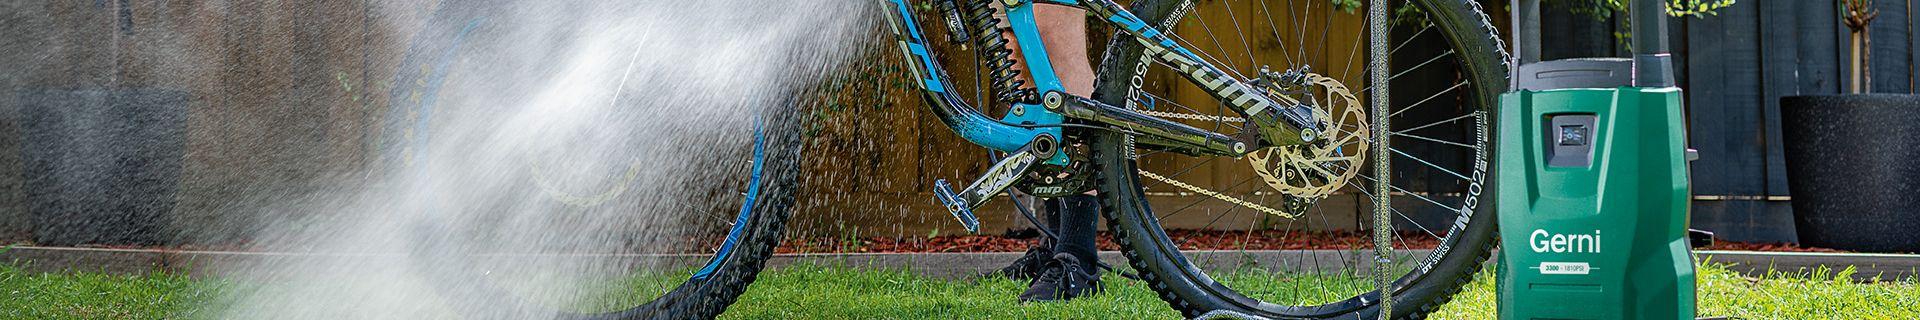 gerni pressure washer used to clean a bike